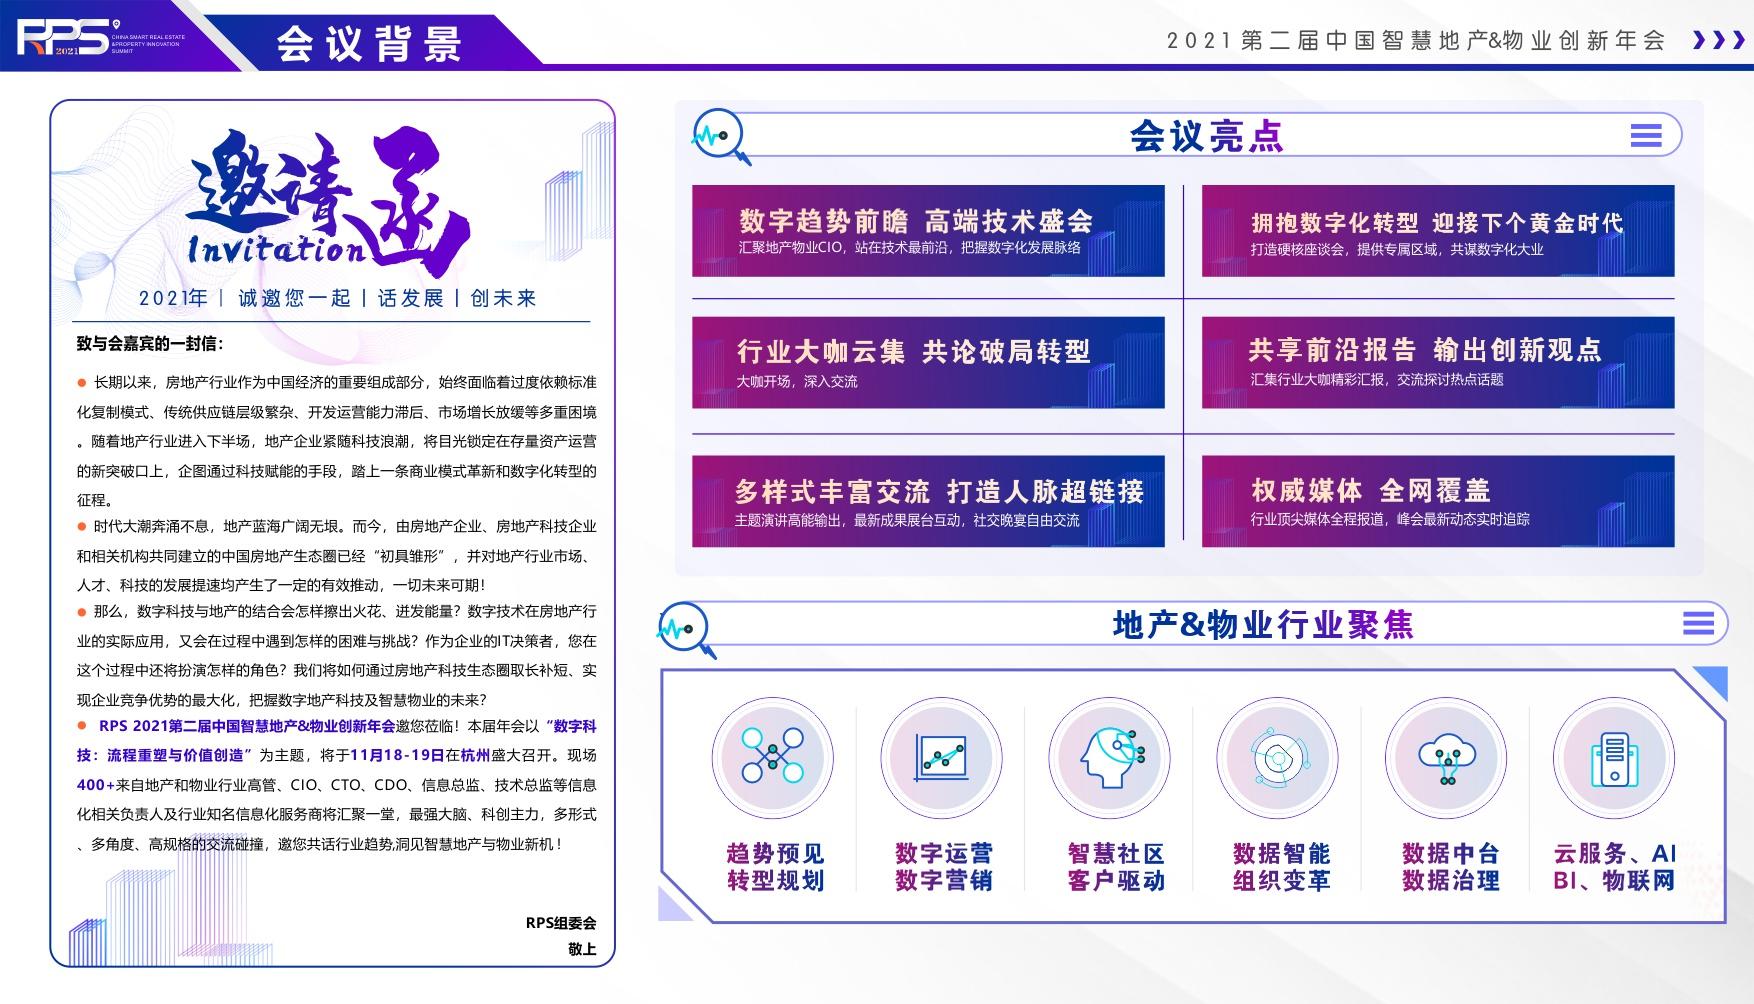 RPS 2021第二届中国智慧地产&物业创新年会